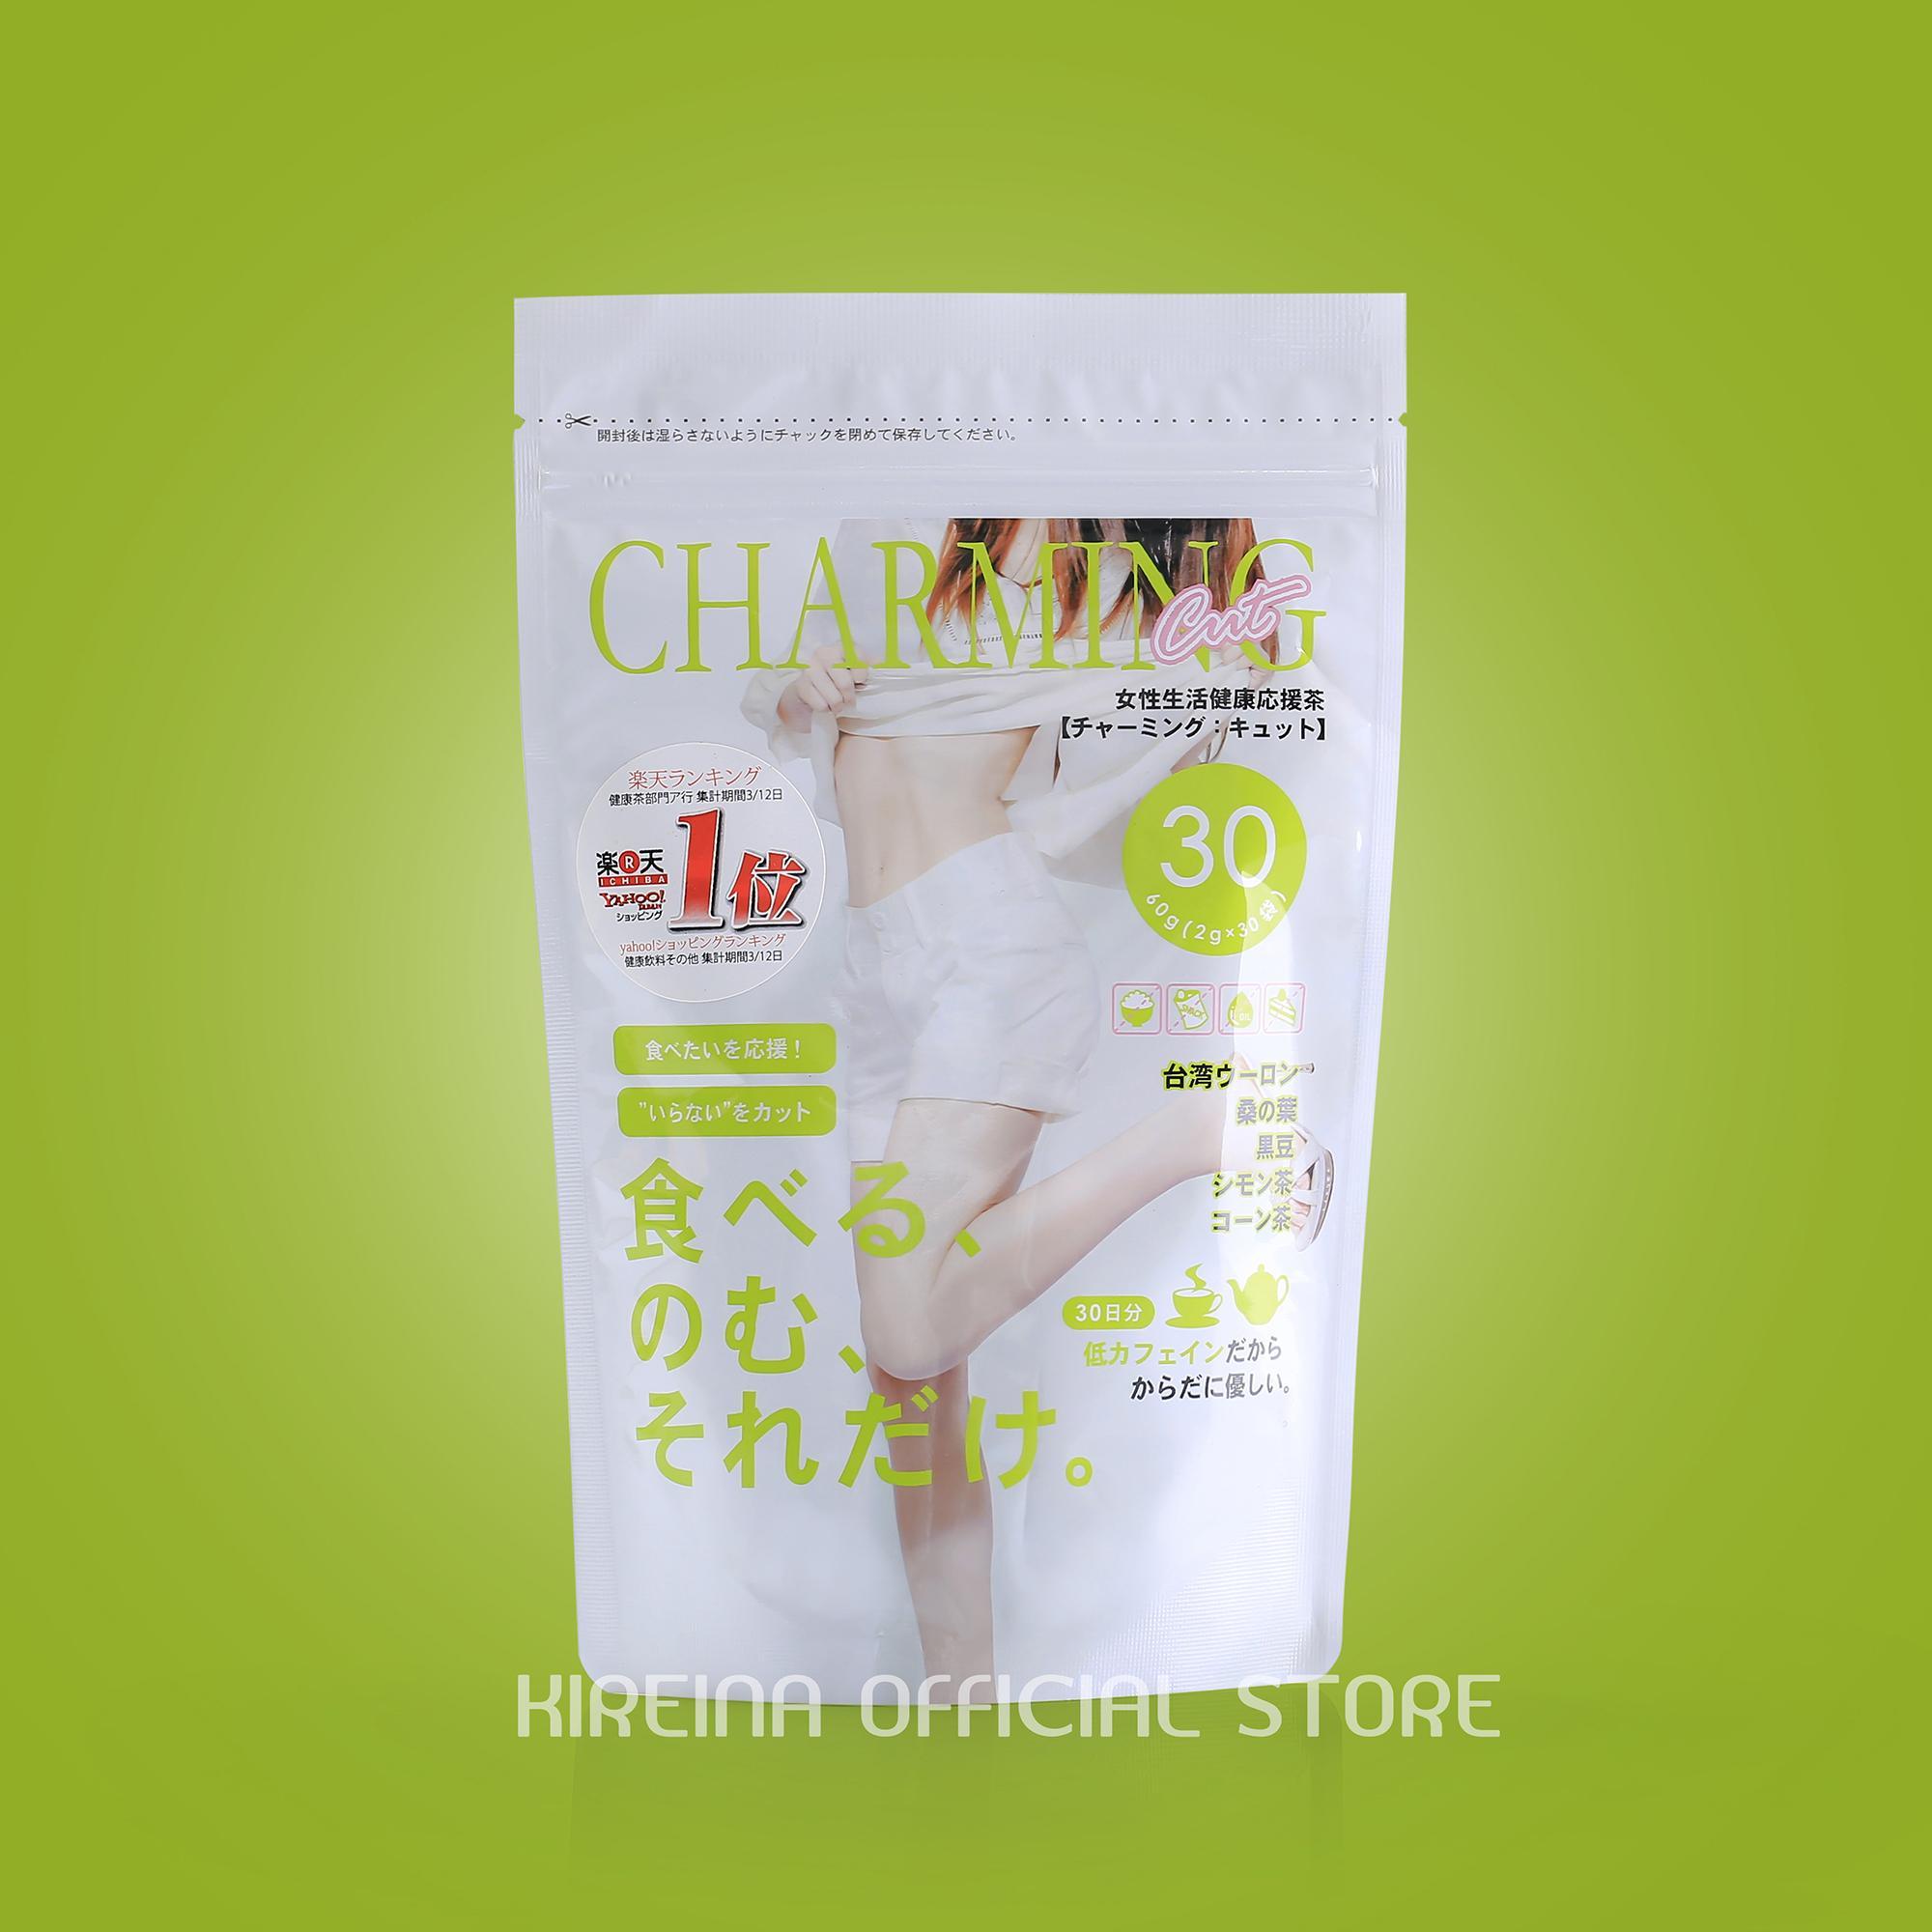 Trà giảm cân Charming Cut bán chạy số 1 Nhật Bản